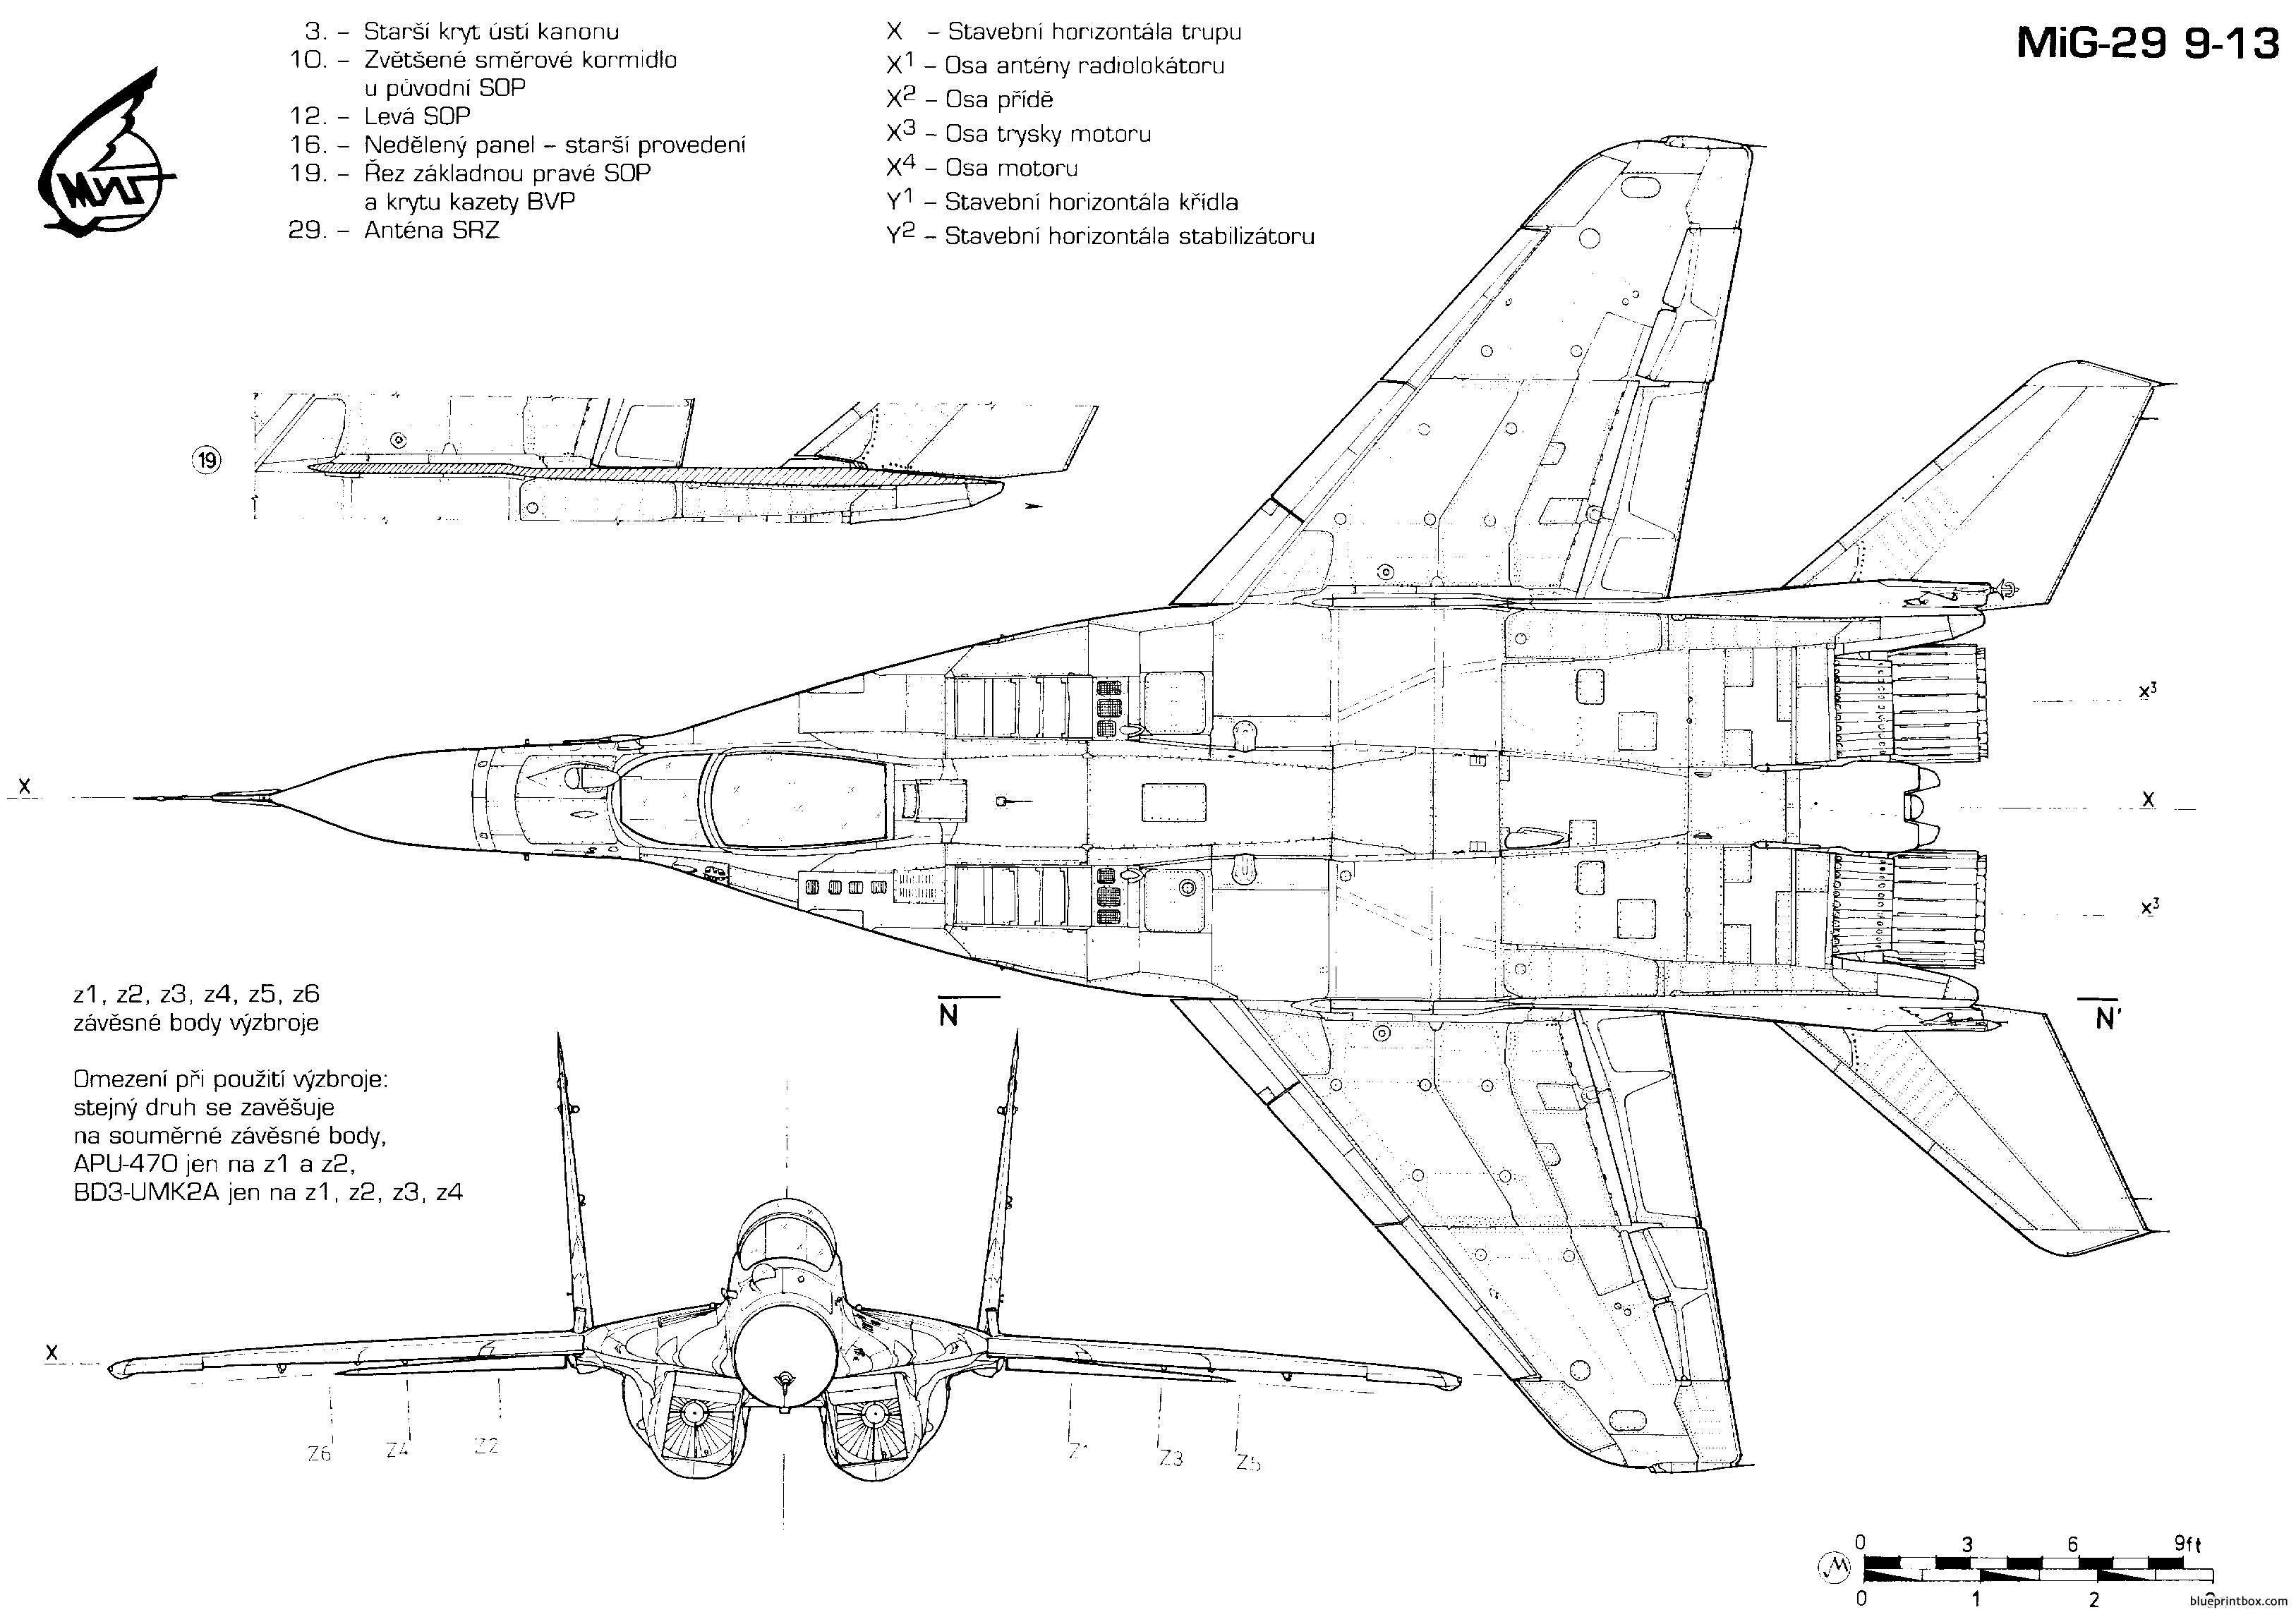 Mikoyan Gurevich Mig 29 3